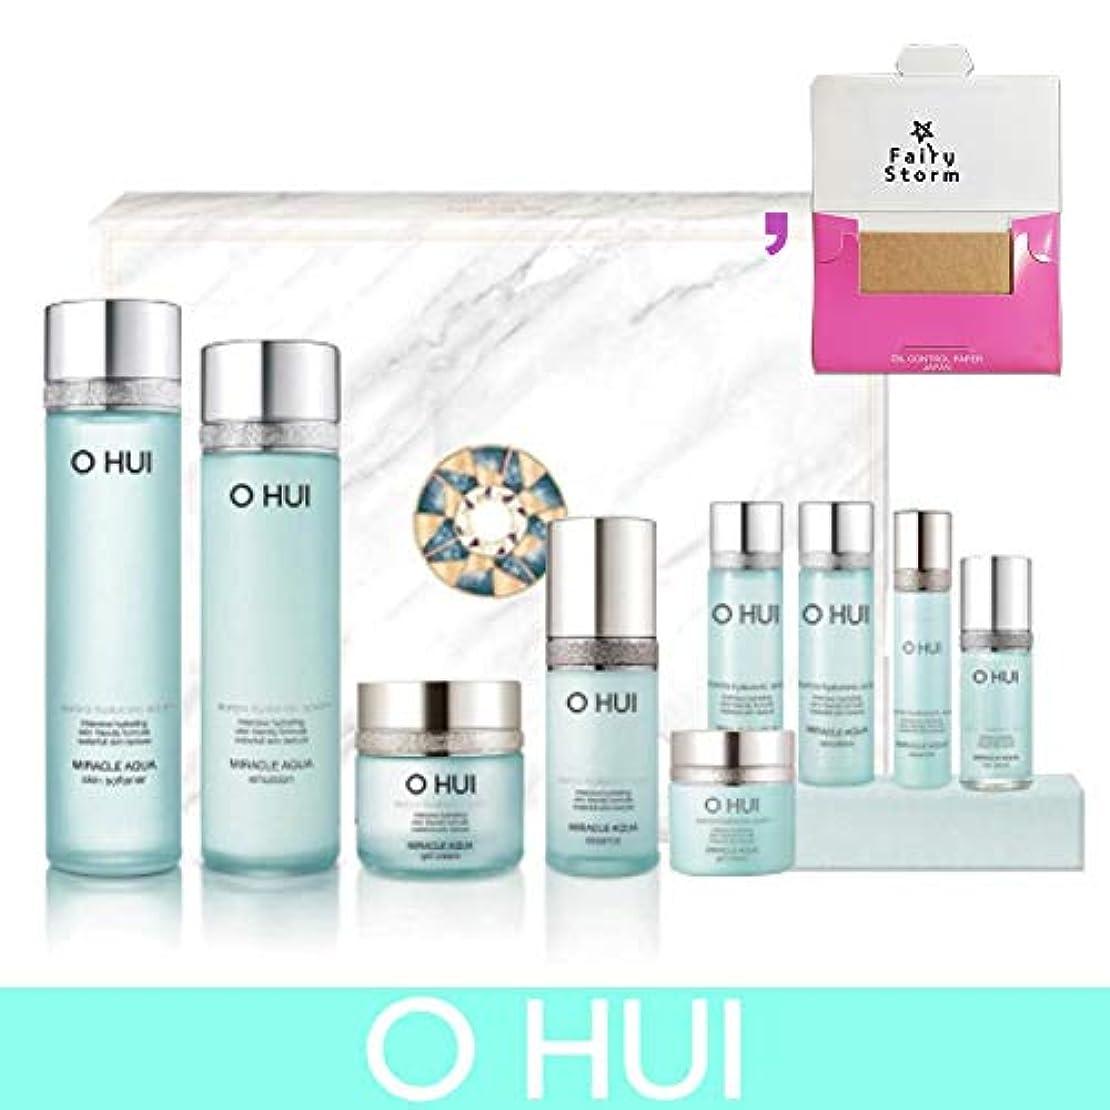 楽しませるブラウザハリウッド[オフィ/O HUI]韓国化粧品 LG生活健康/O HUI MIRACLE AQUA SPECIAL 4EA SET/ミラクル アクア 4種セット + [Sample Gift](海外直送品)